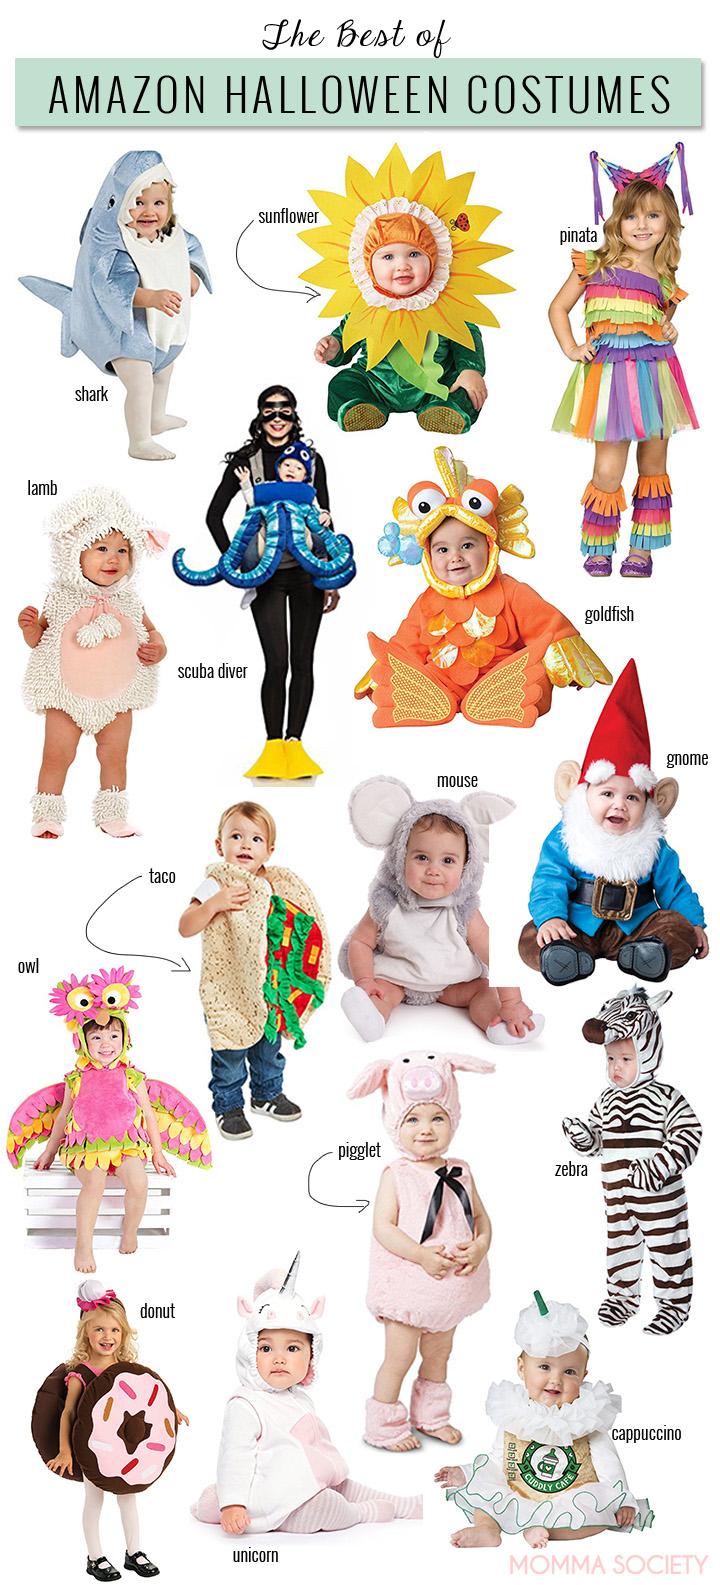 meilleurs costumes d'halloween sur bébé amazon bébé halloween costumes idées de costumes halloween